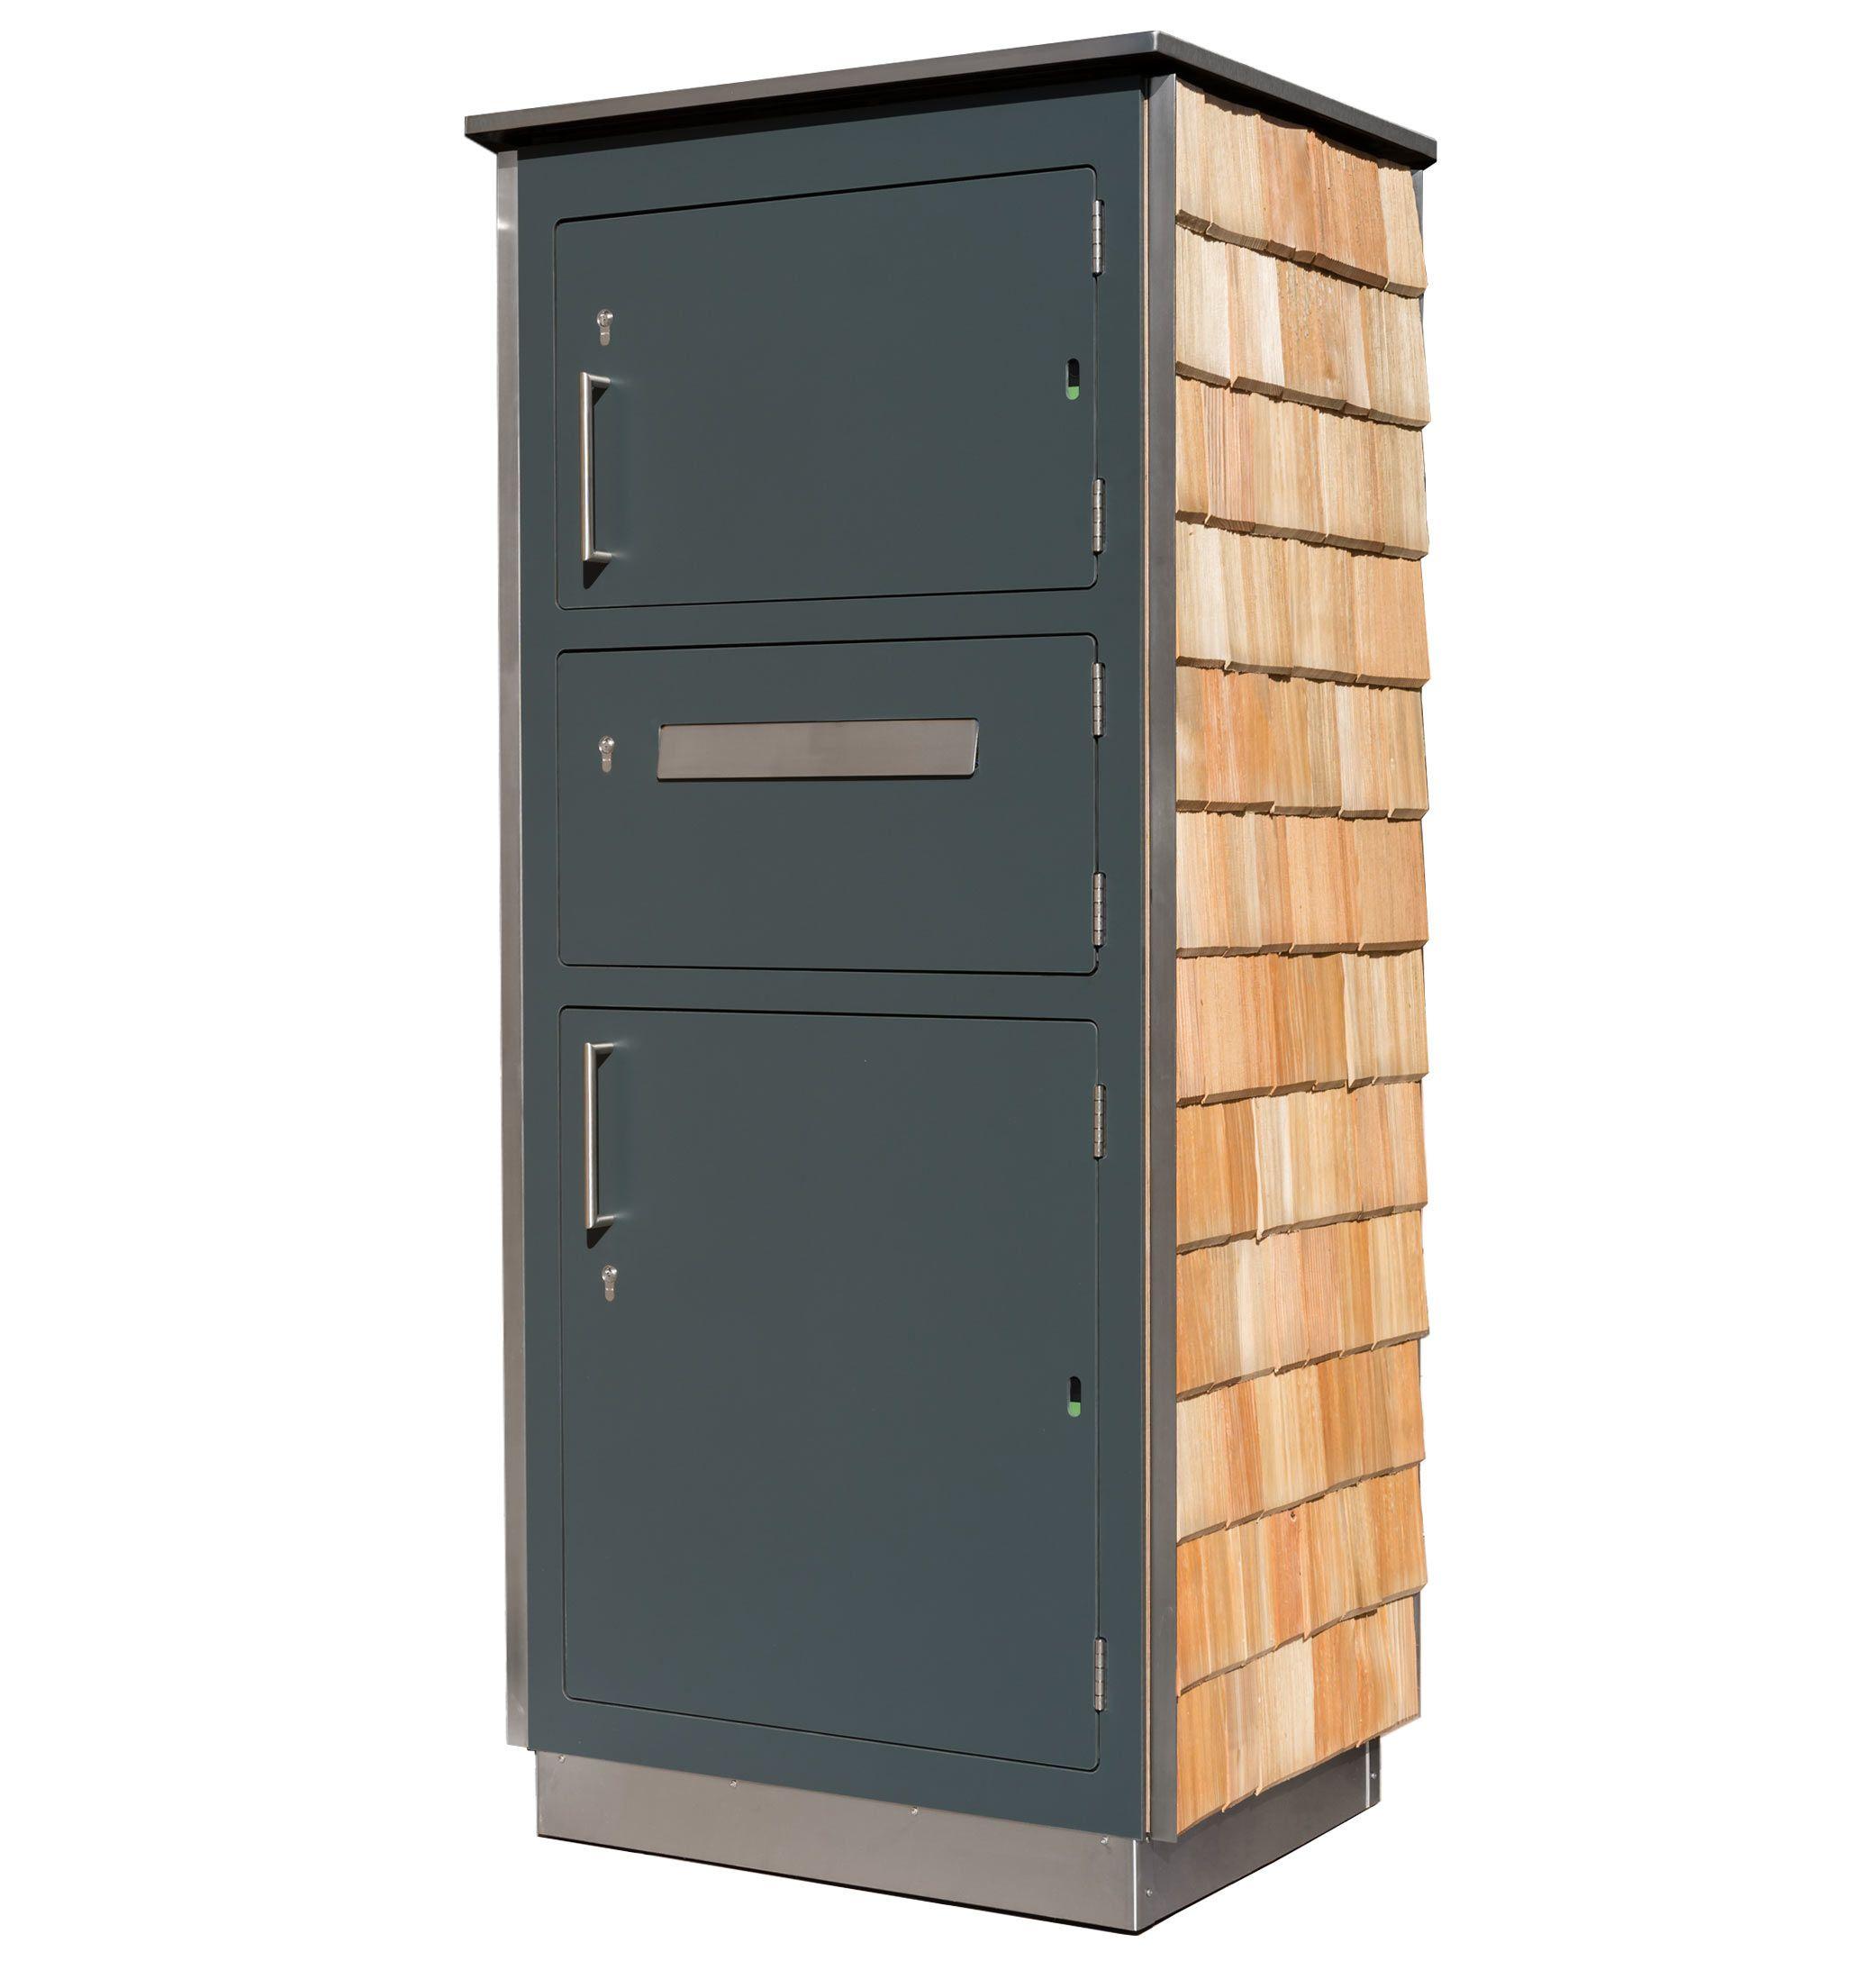 Paketkasten Mit Schindel Paketkasten Paketbriefkasten Briefkasten